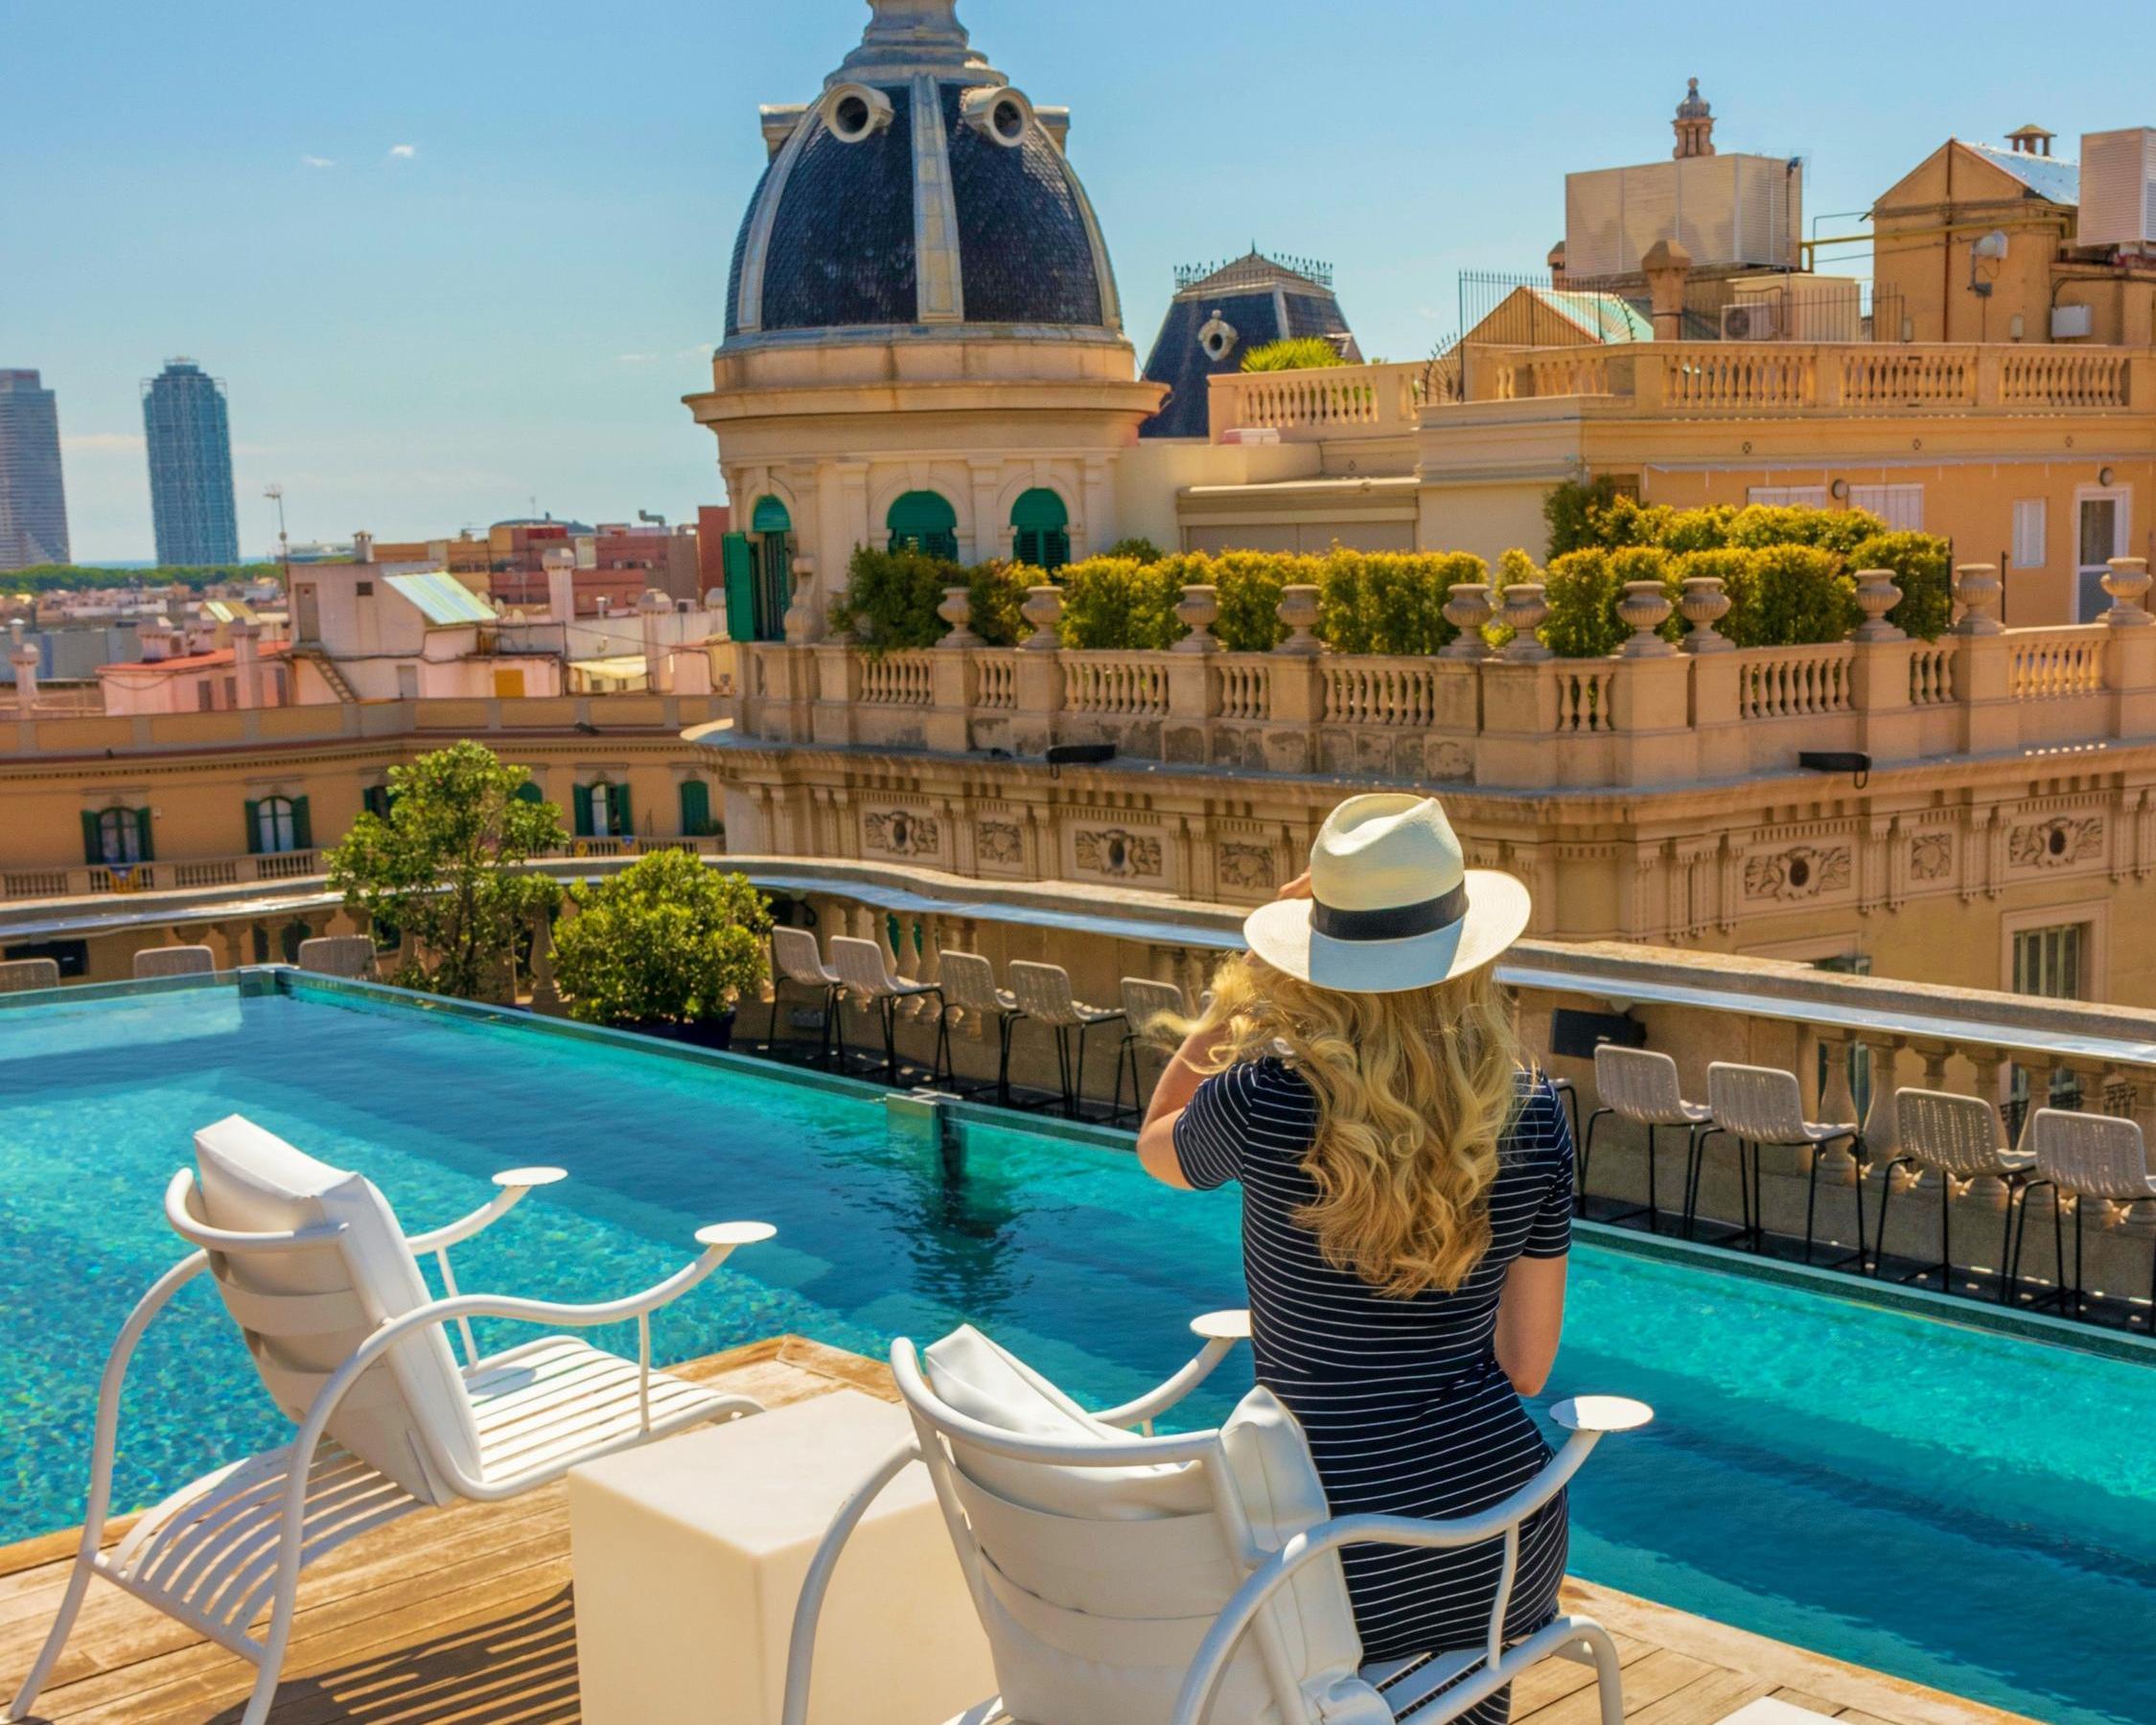 Visita Barcelona desde Tenerife con vuelos